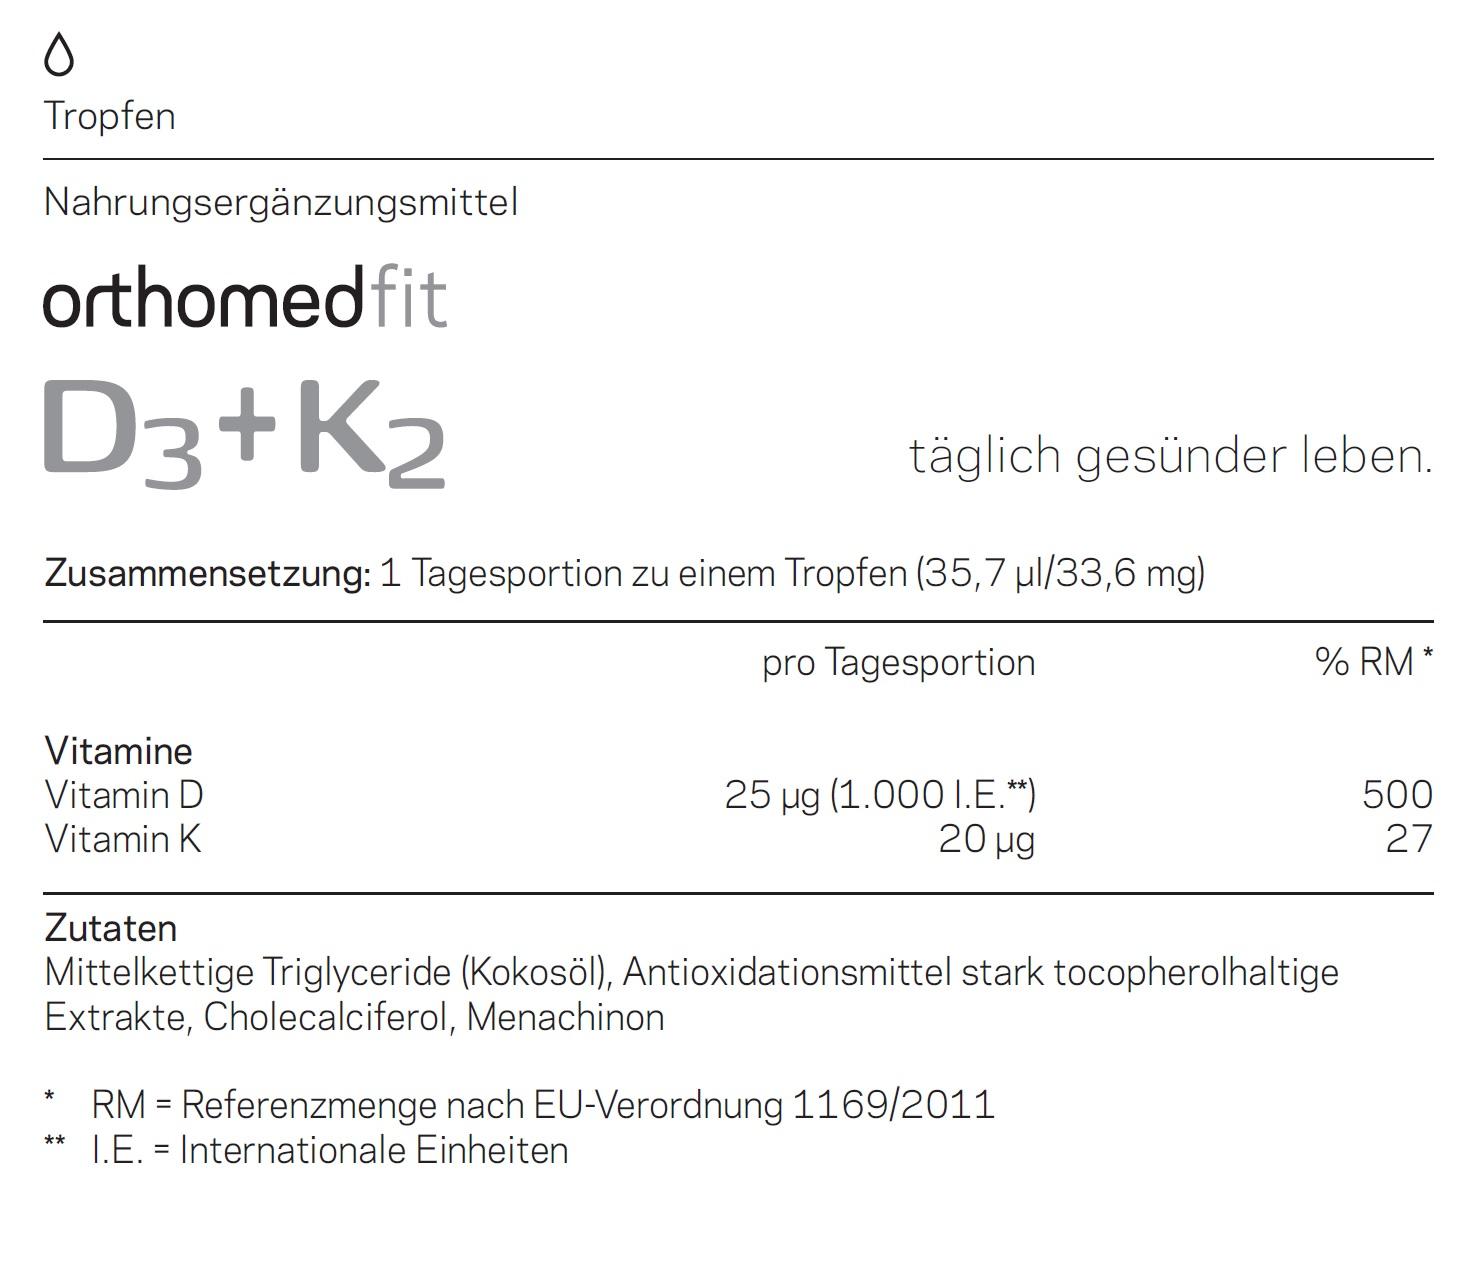 orthomed-fit-D3-D2-Inhaltsstoffe